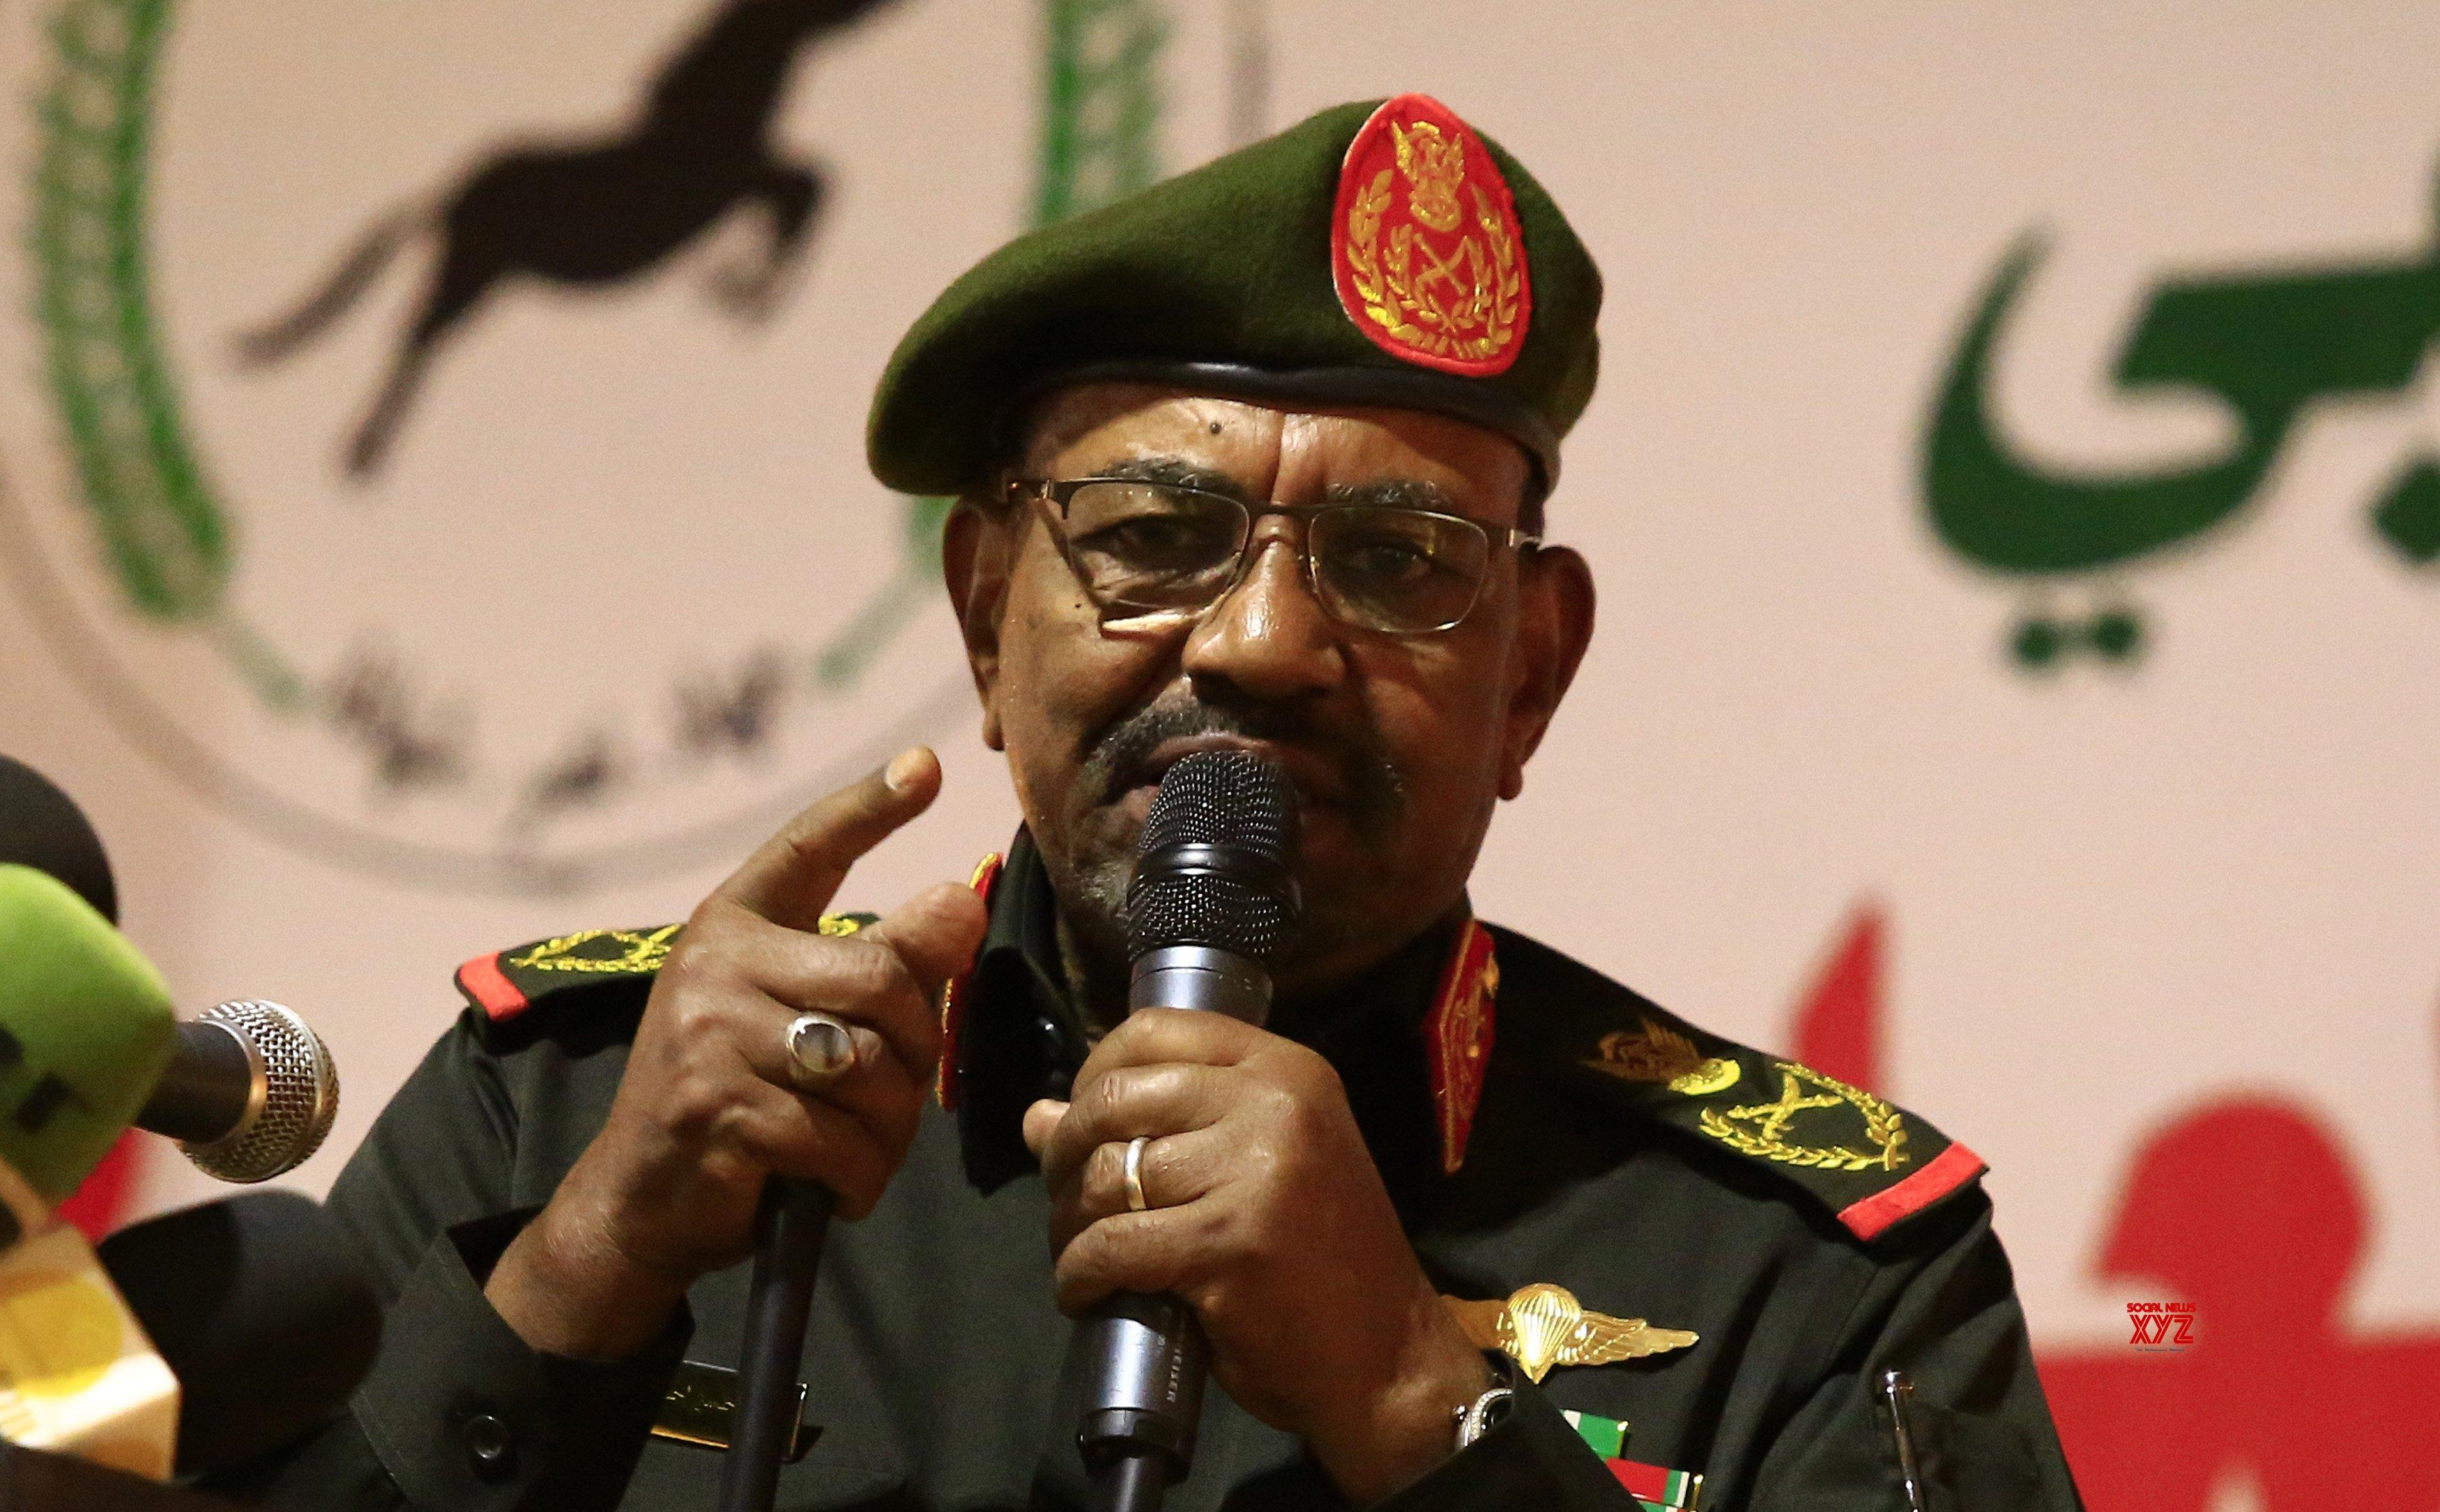 SUDAN - KHARTOUM - YEAR FOR PEACE #Gallery